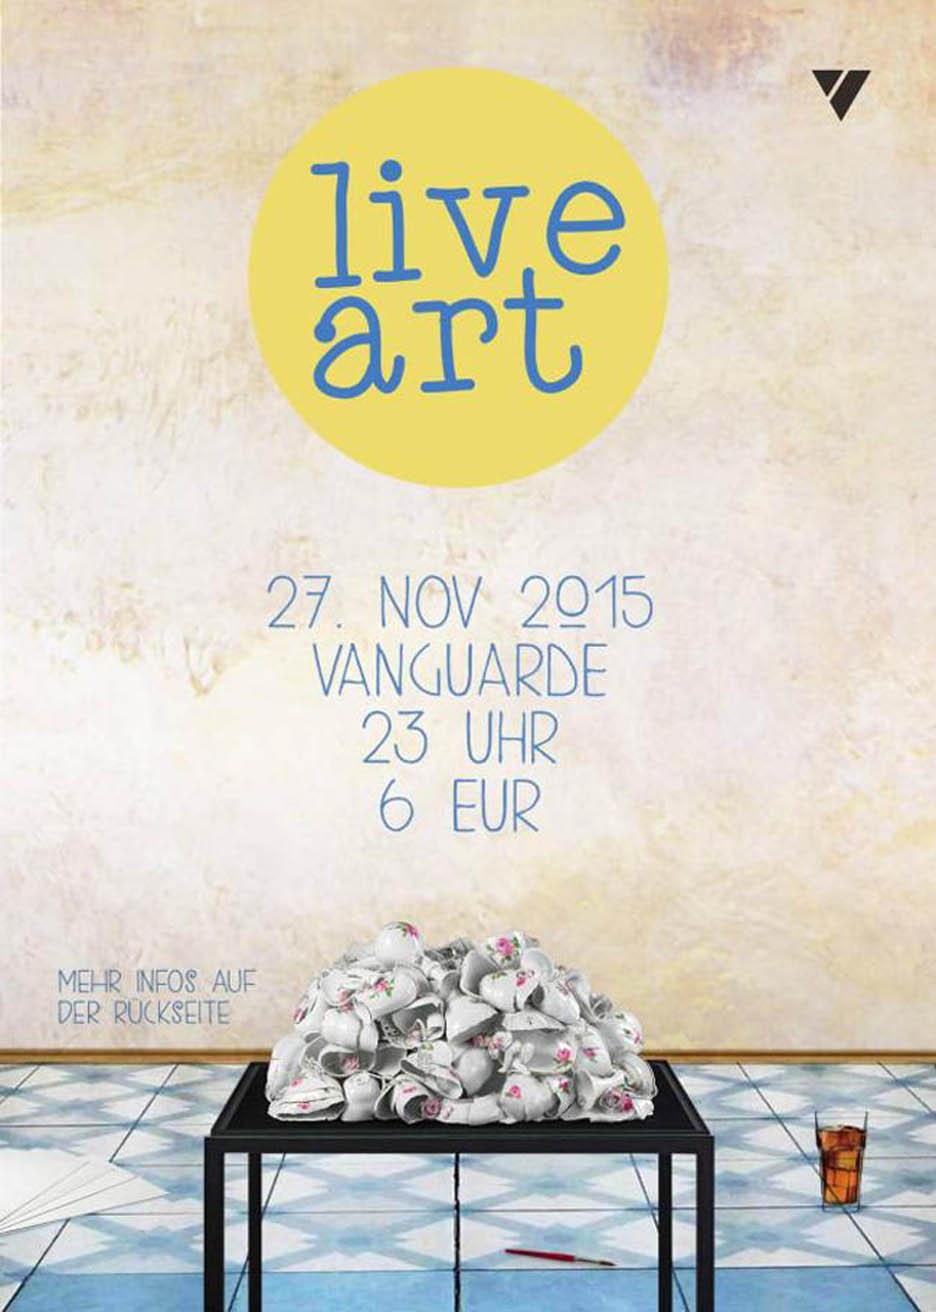 live art 27.11.2015